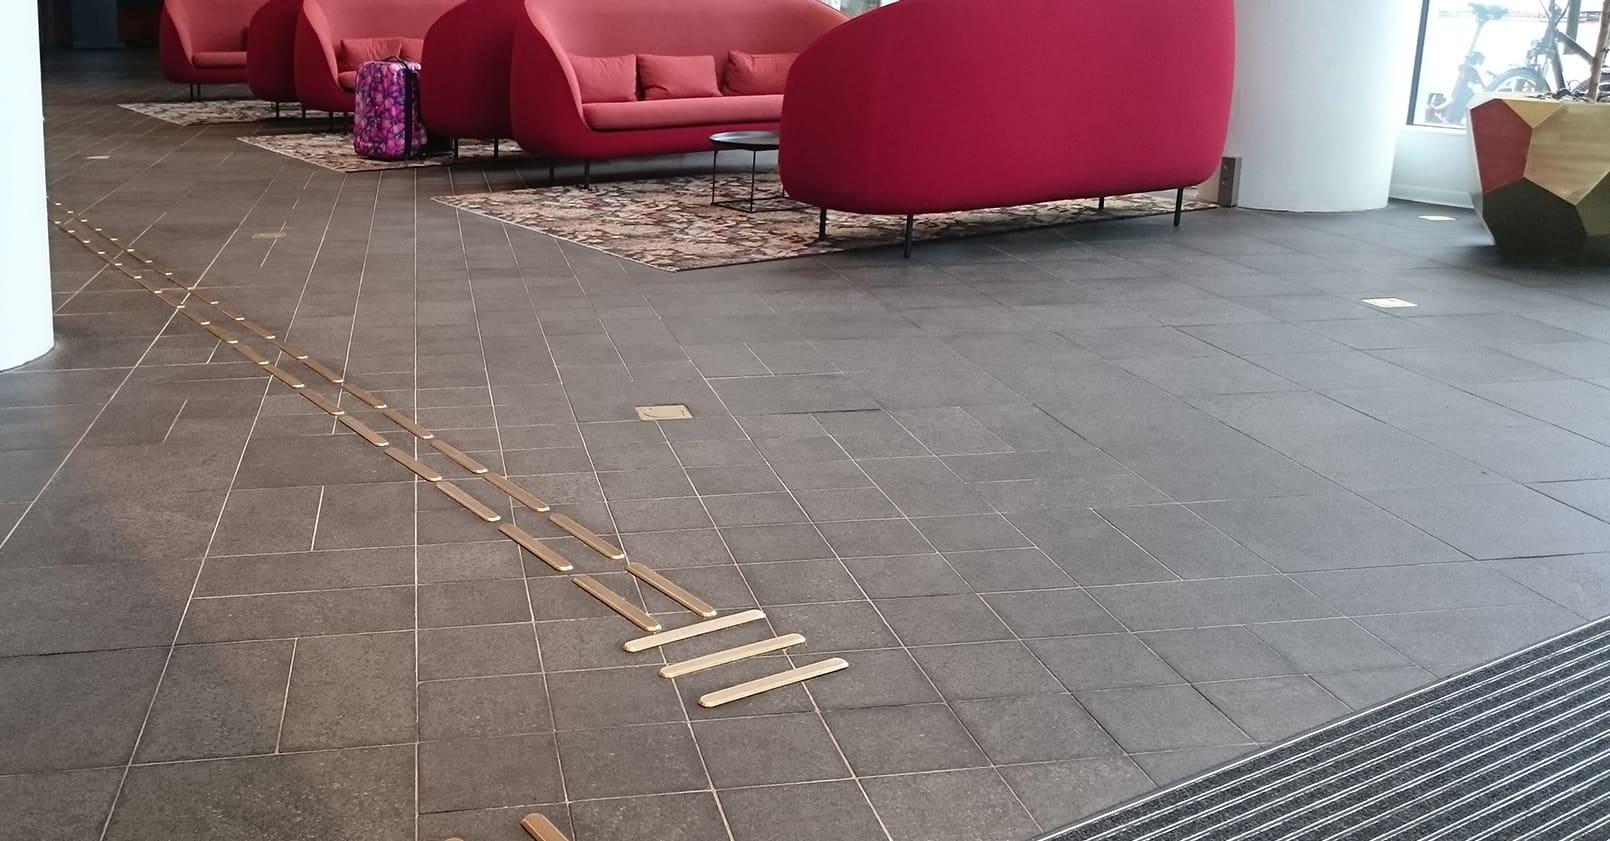 Bild från hotellentrén på Malmö Live där taktila ledstråk i mässing leder in i bygganden.